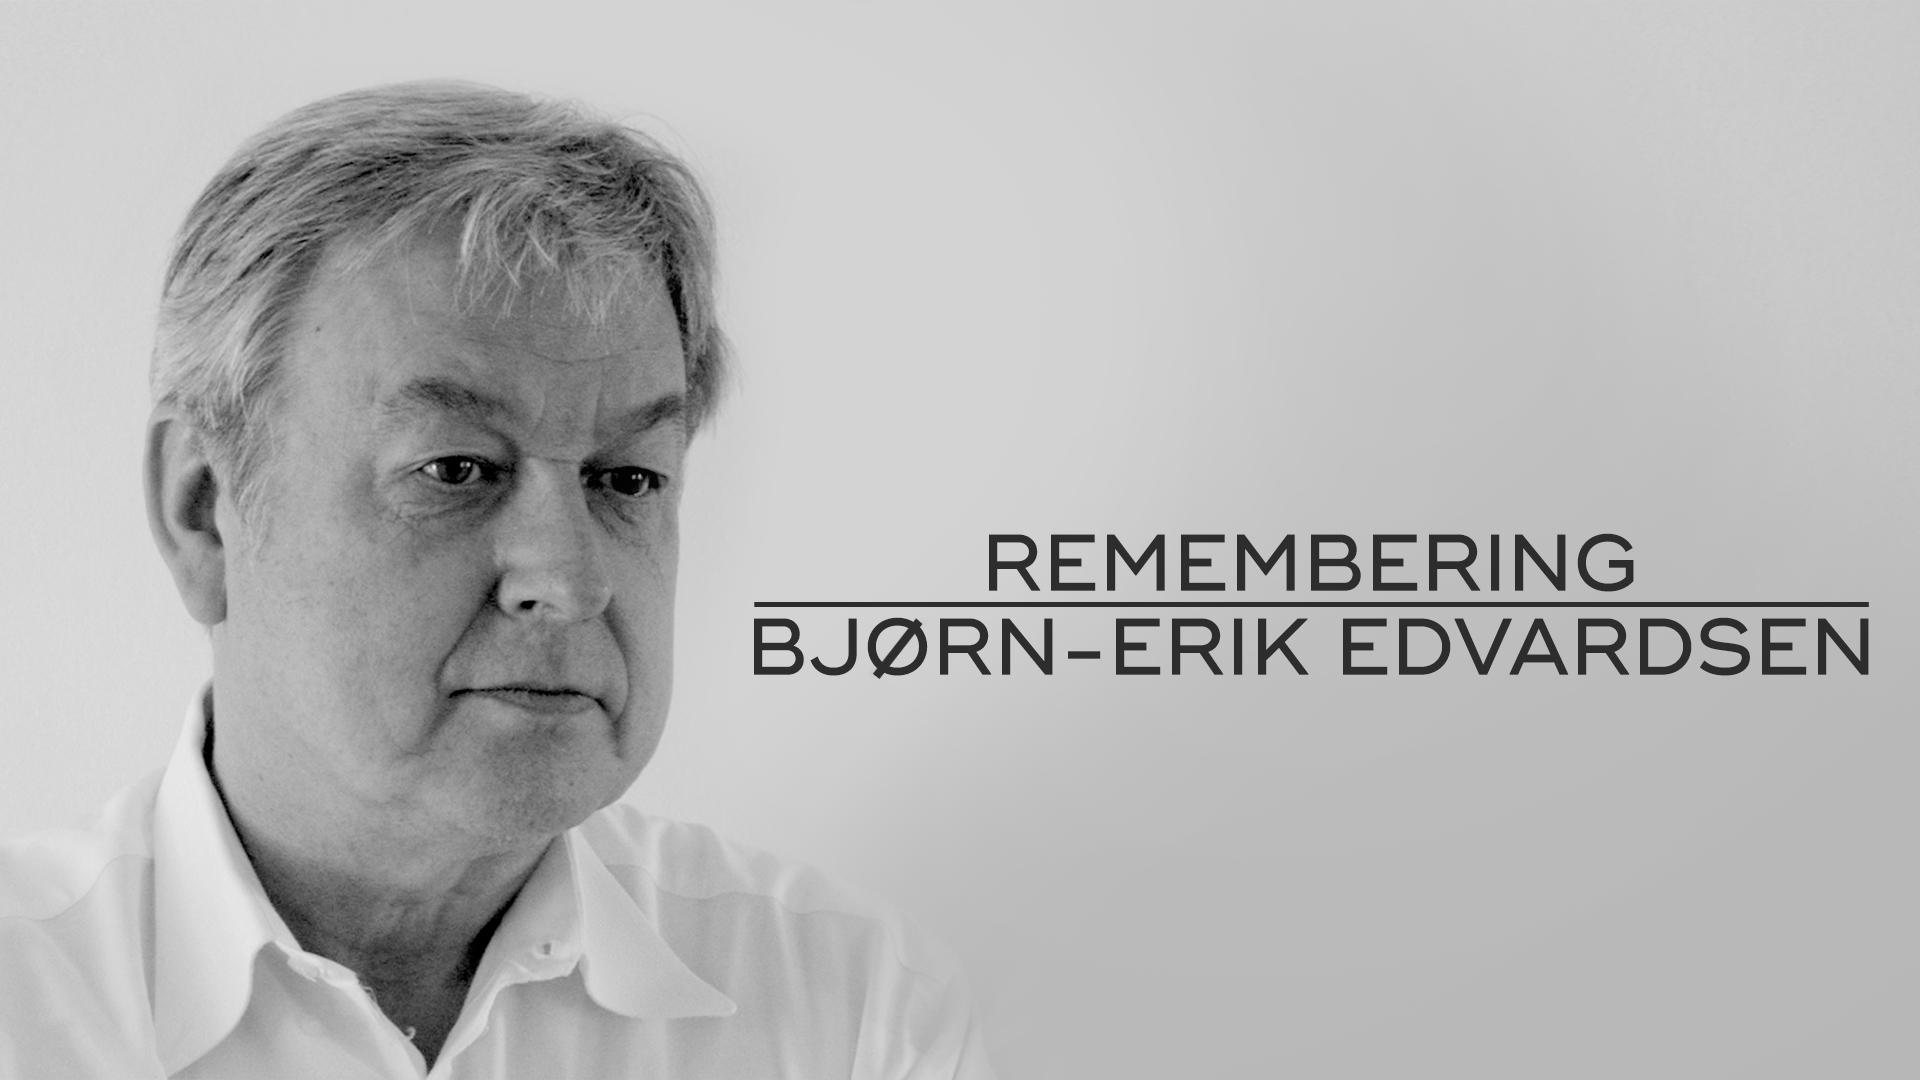 Bjork Erik Edvardsen Memorial Image